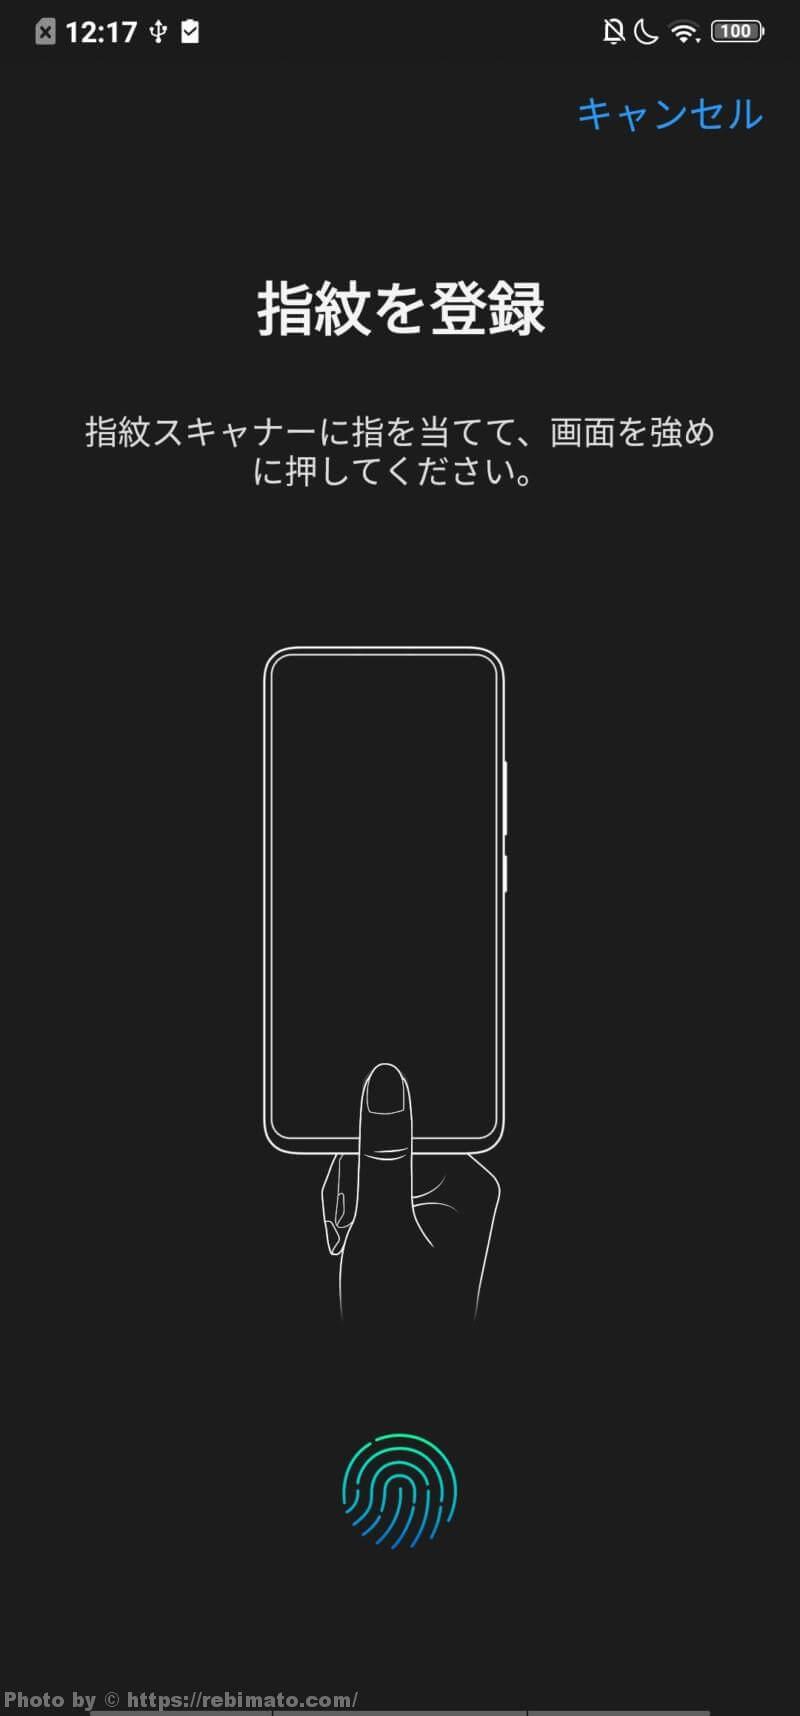 Vivo NEX S ディスプレイ内指紋認証